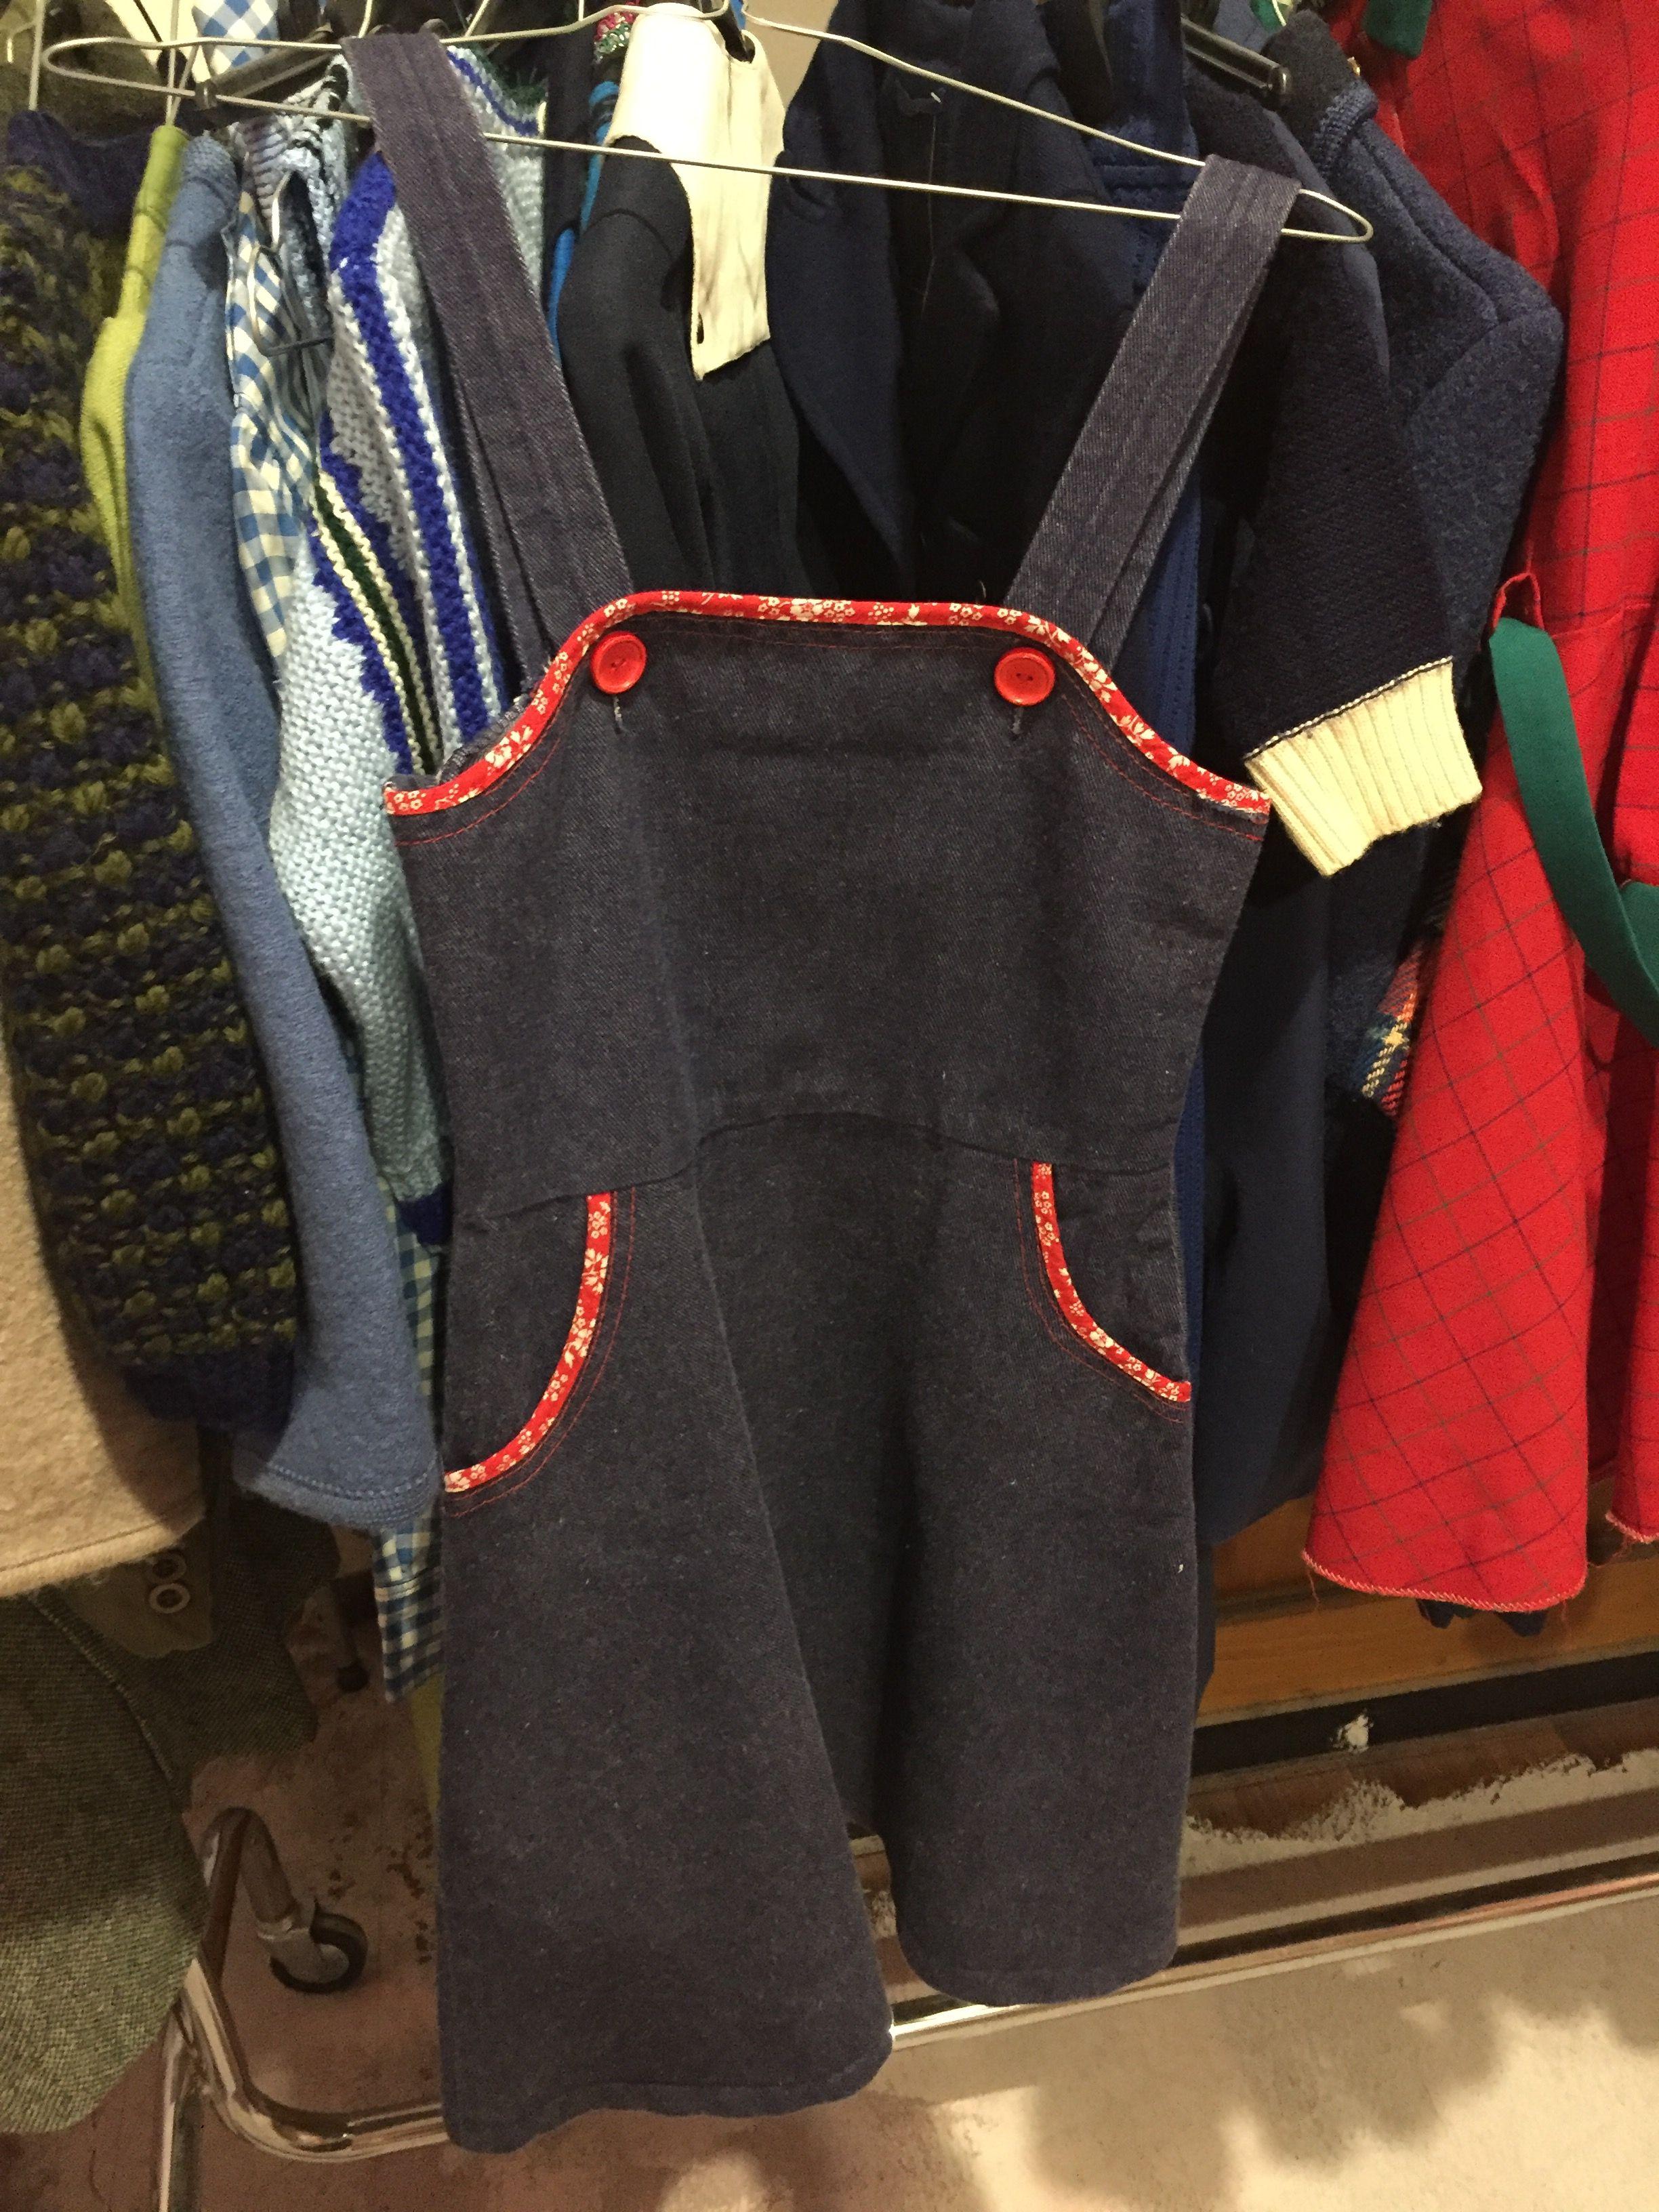 Vintage Kids Clothes Vintages 70 S Kids Clothes Vintage Shop In Italy Vintage Kids Clothes Clothes Fashion